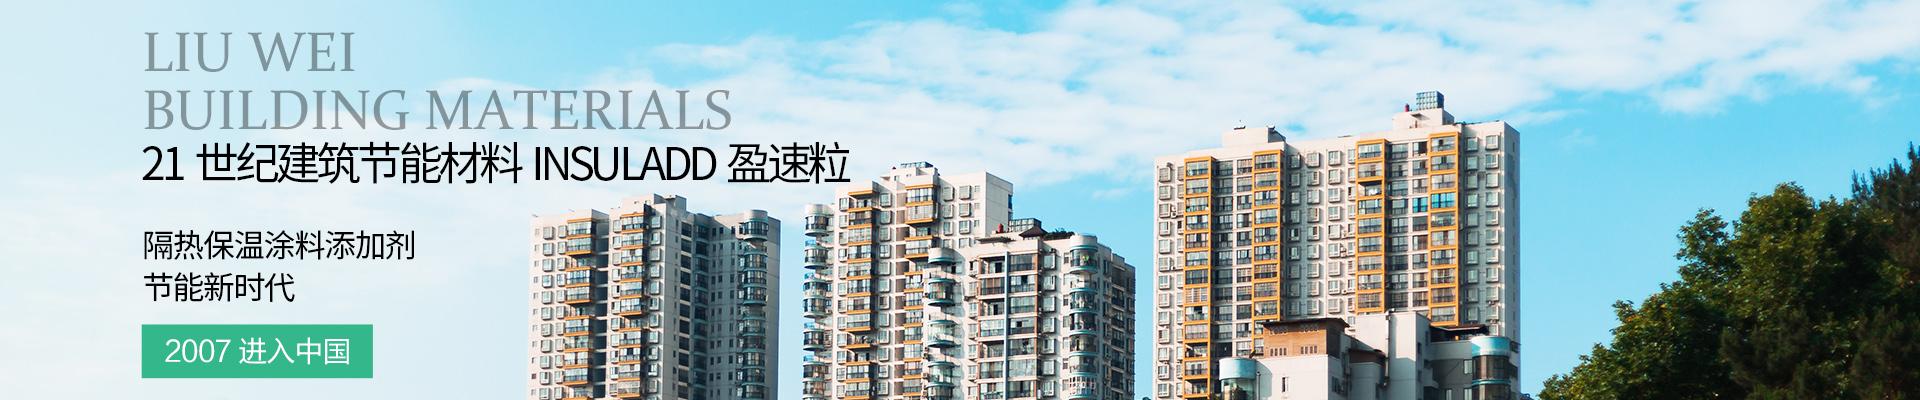 柳州易胜博体育